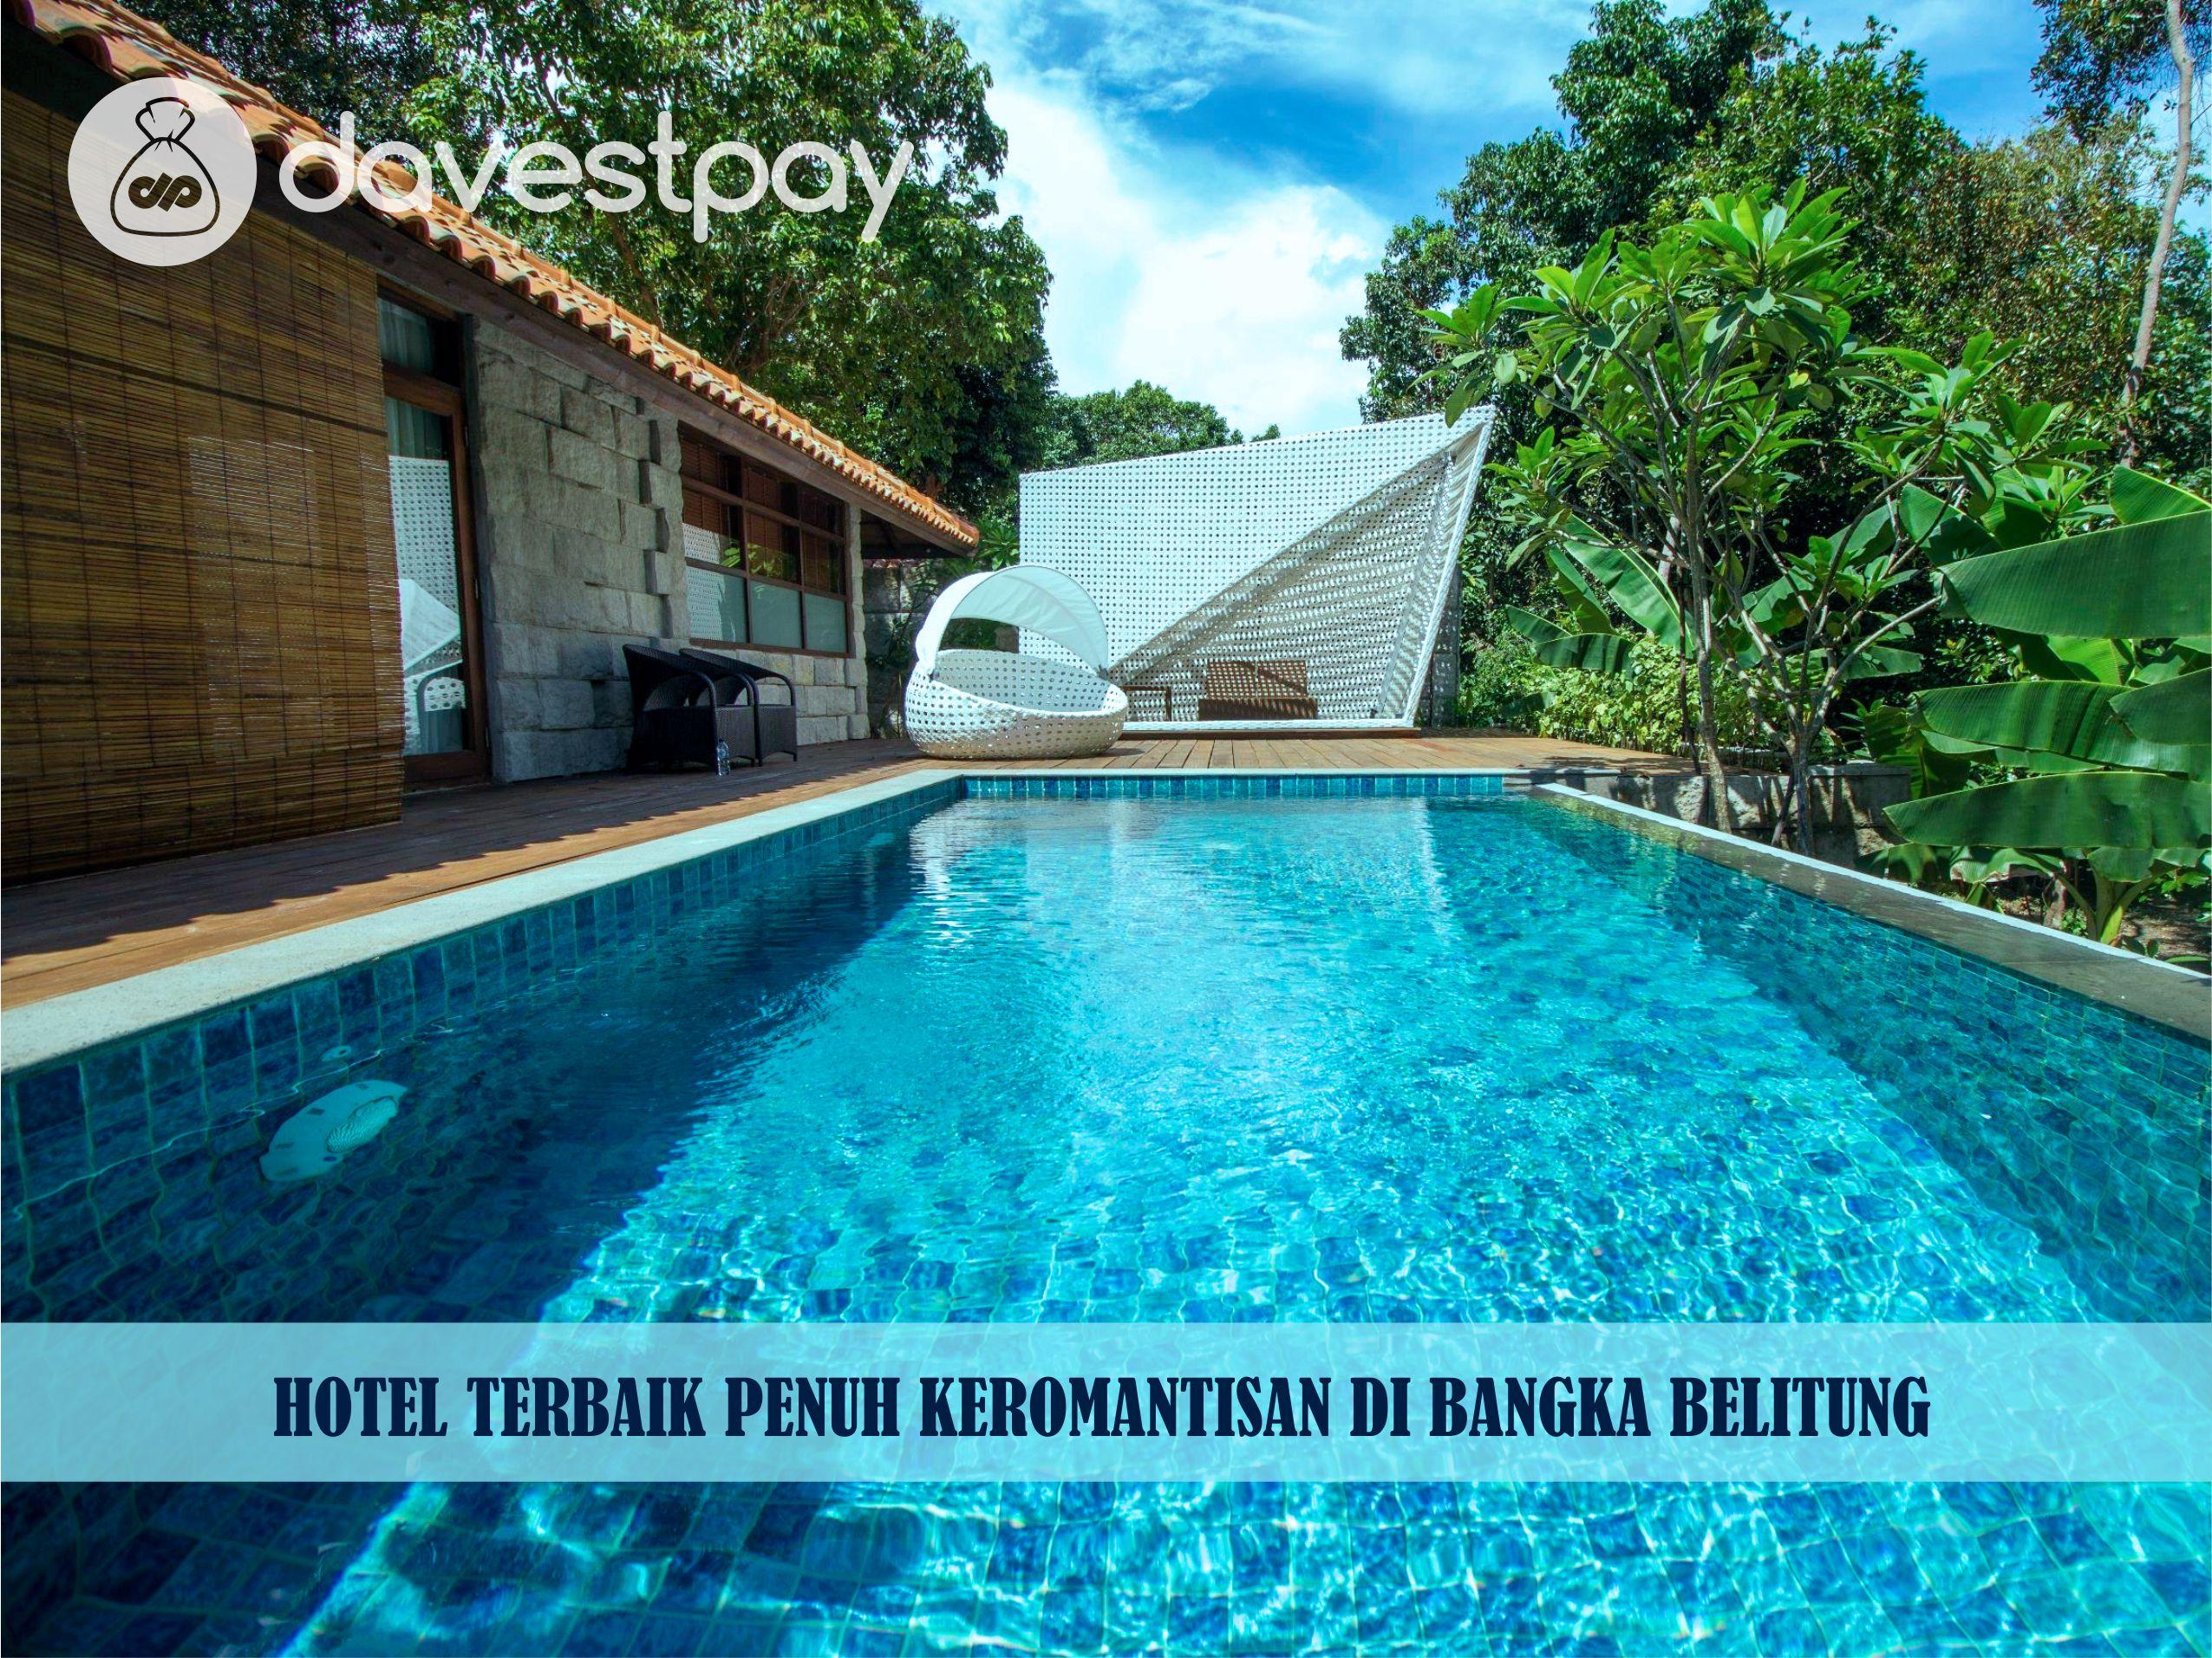 Hotel Terbaik Penuh Keromantisan di Bangka Belitung